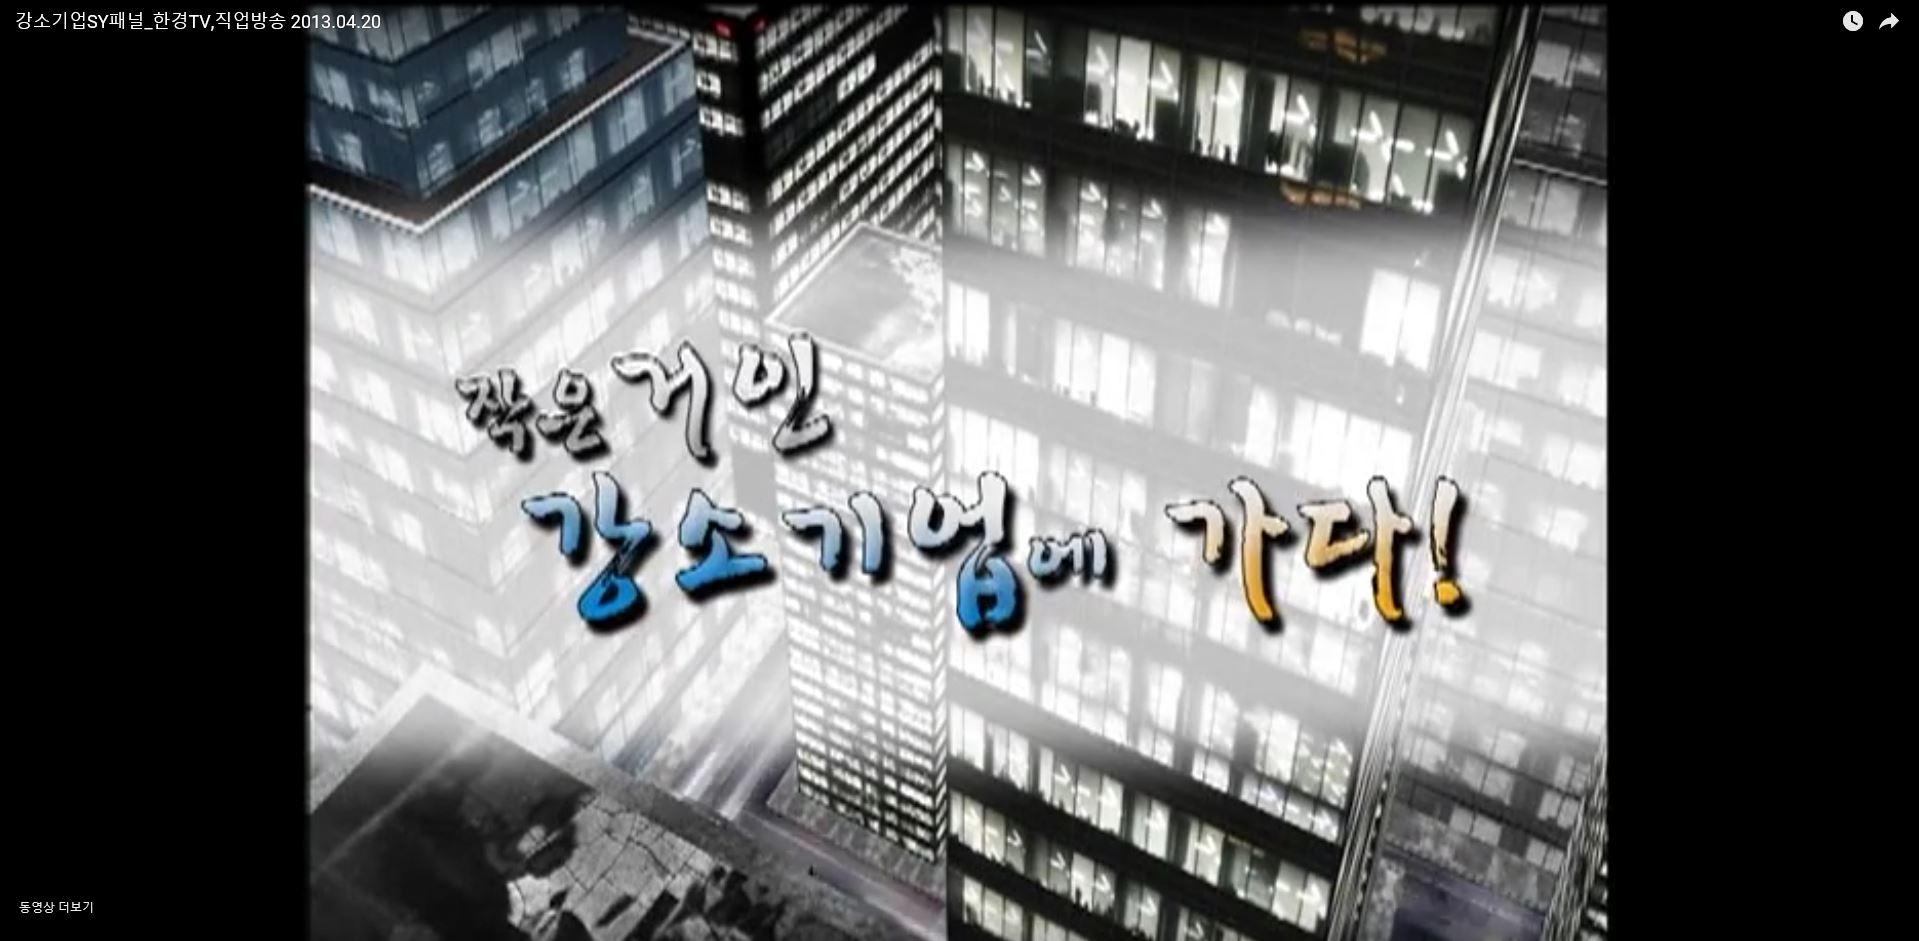 [TV방송]2013 한경TV 강소기업에 가다! '에스와이패널'편